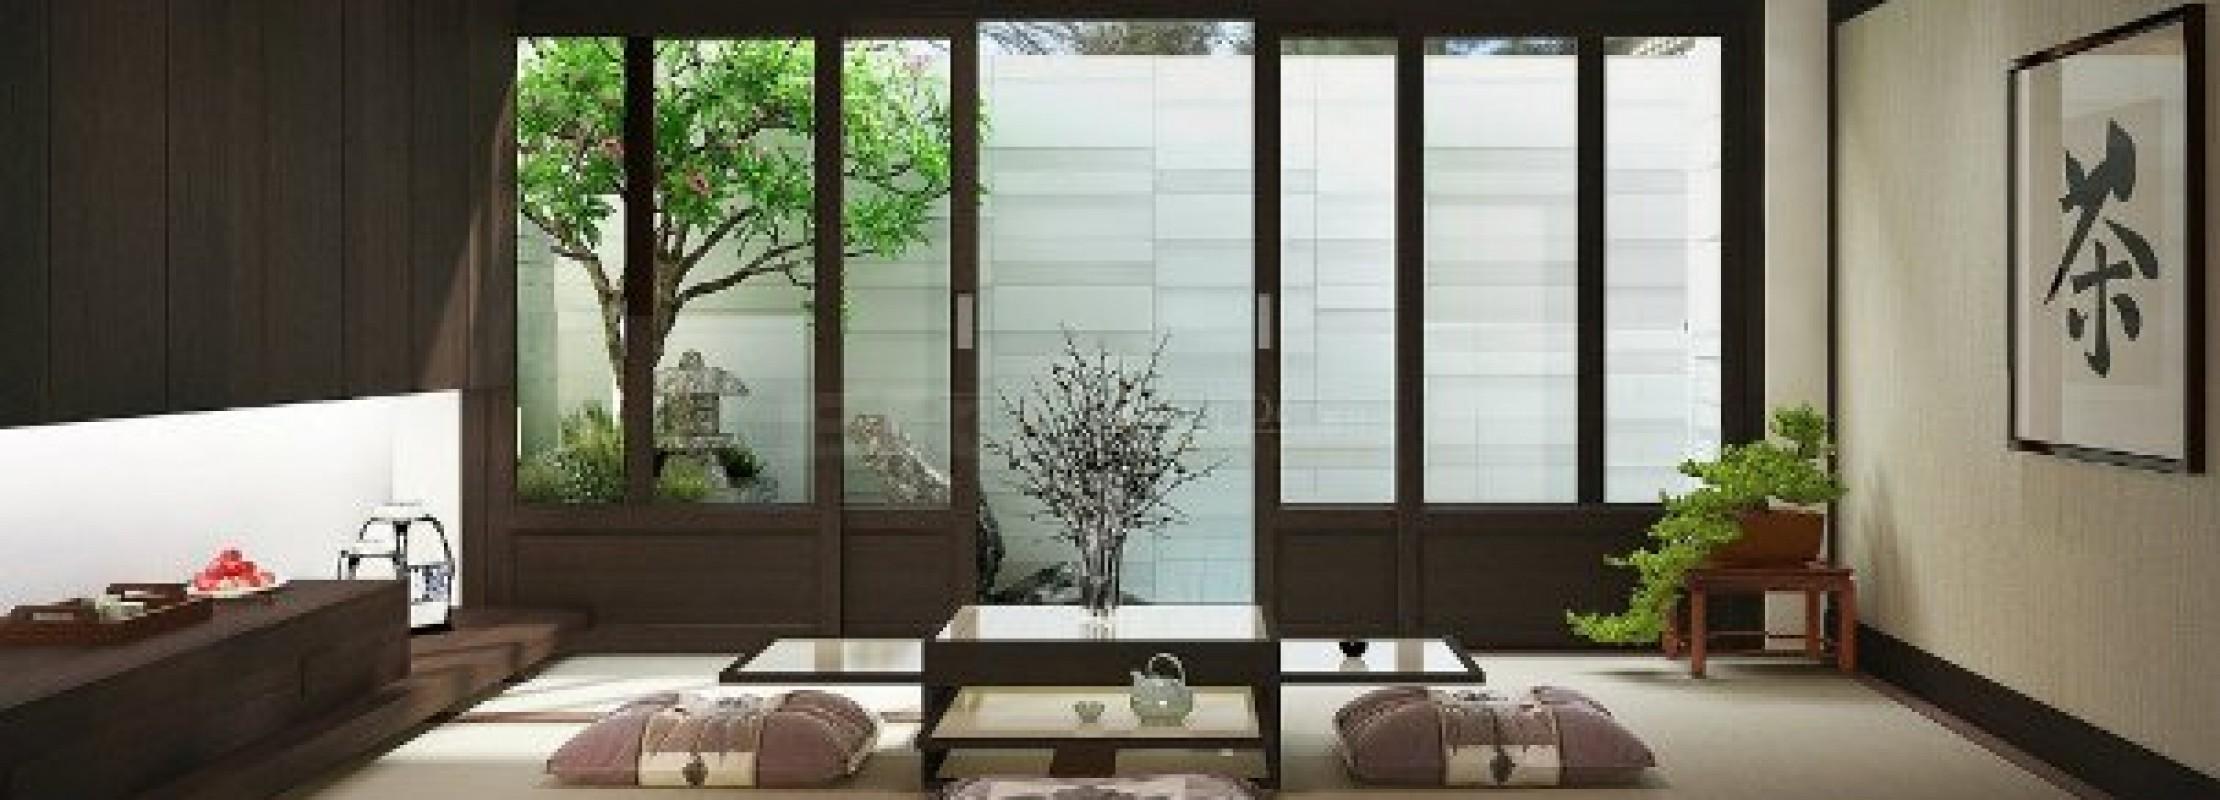 Stile Giapponese Idee Per Arredare E Ristrutturare Casa Blog Edilnet